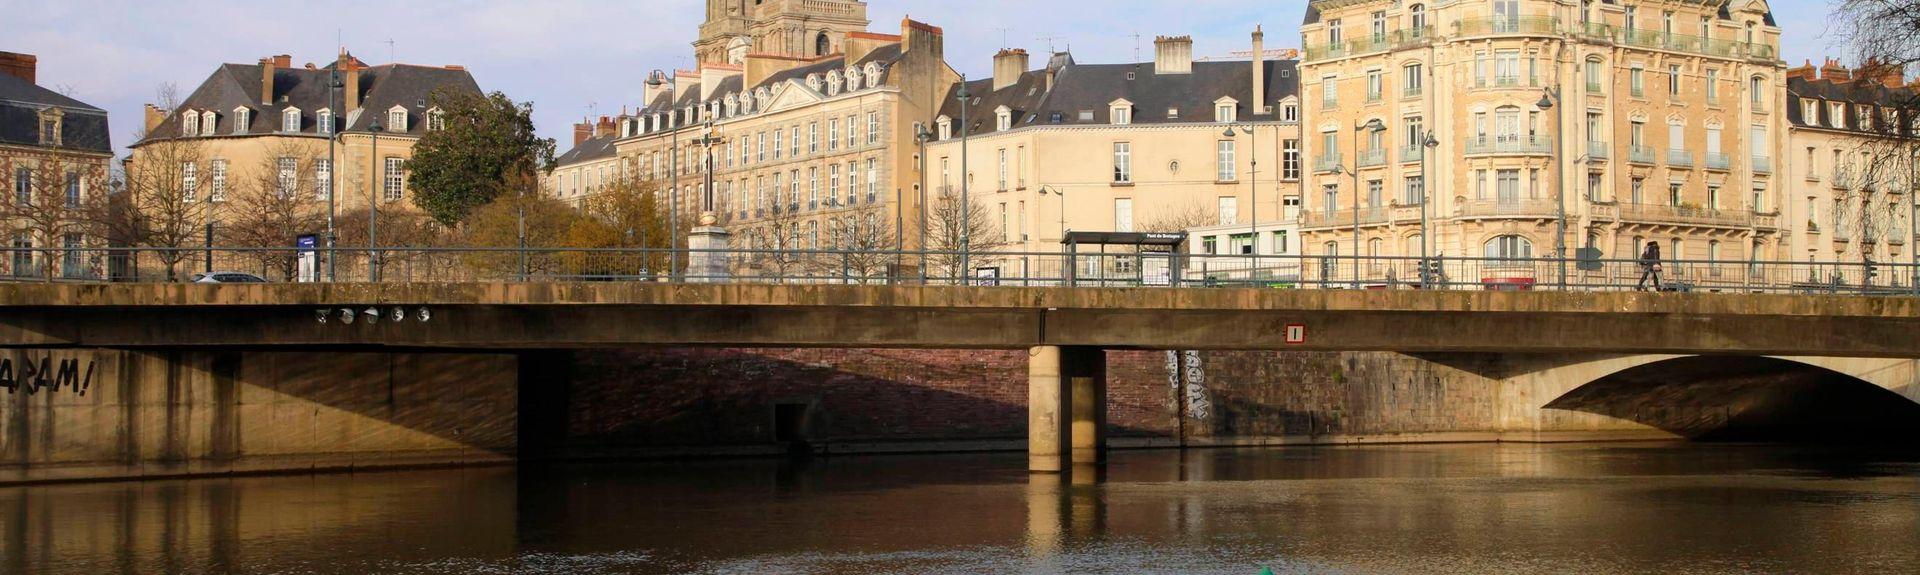 Pacé, France